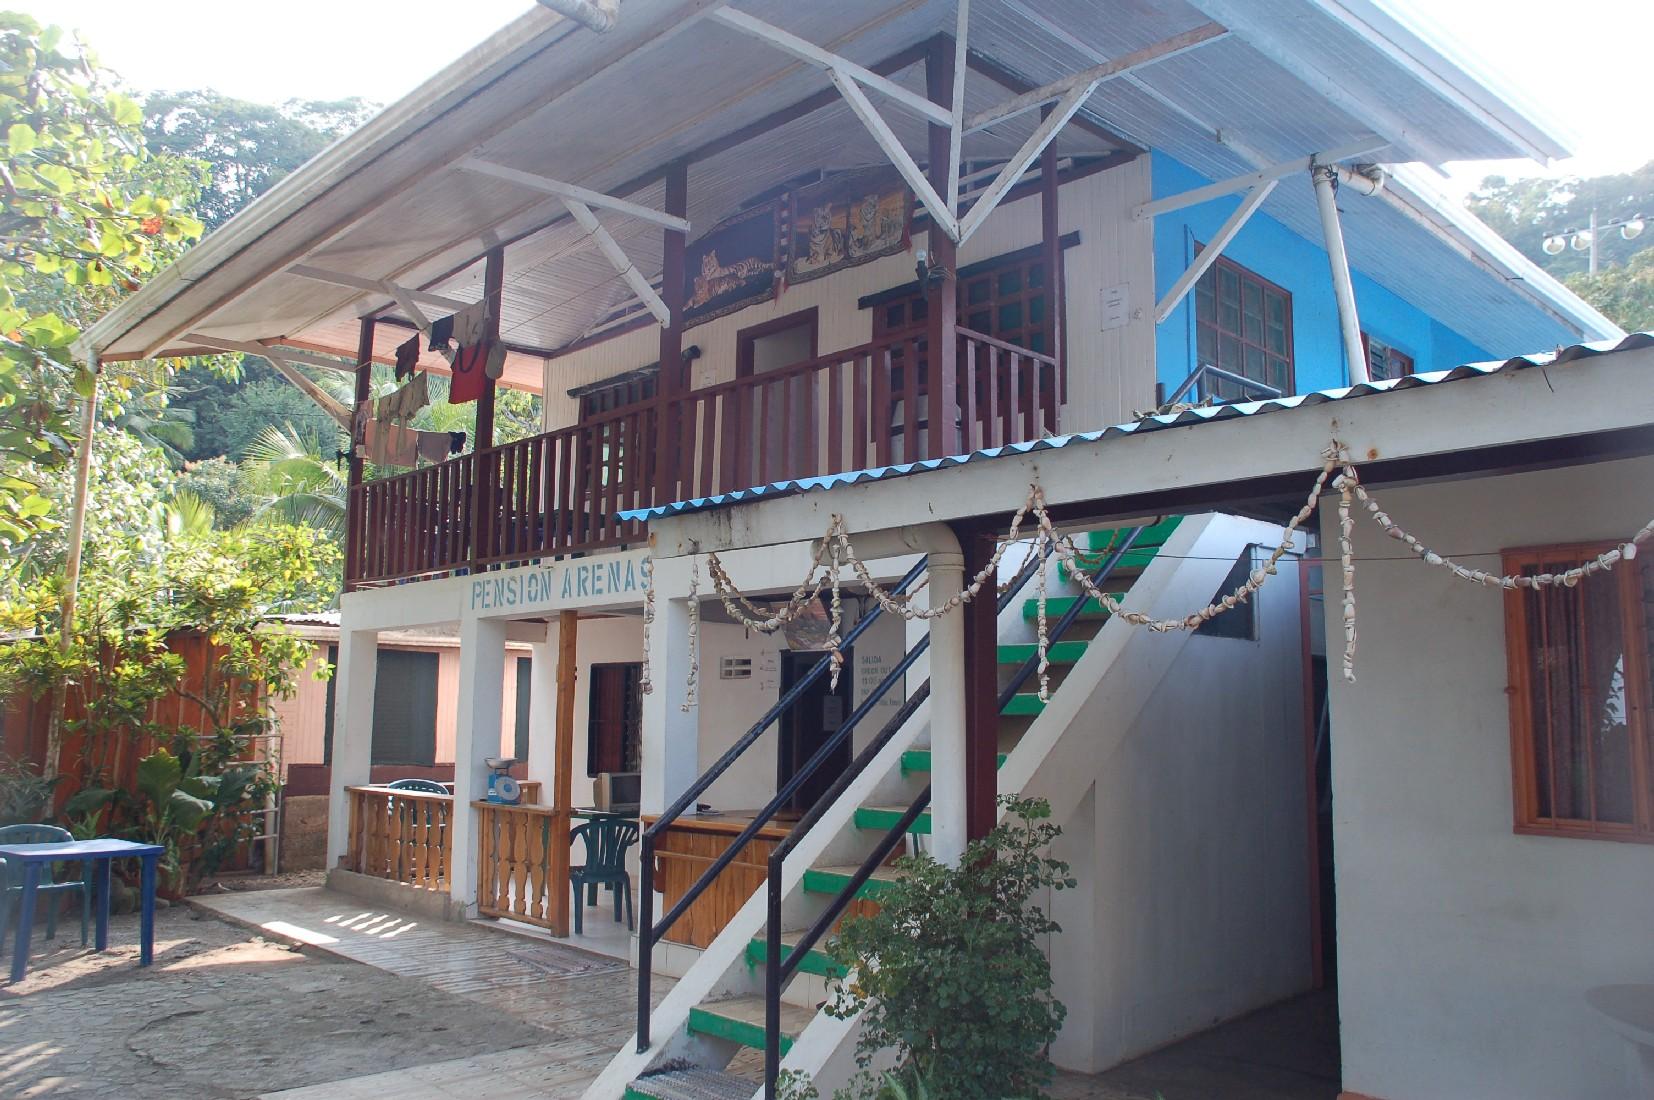 Hostel in Costa Rica